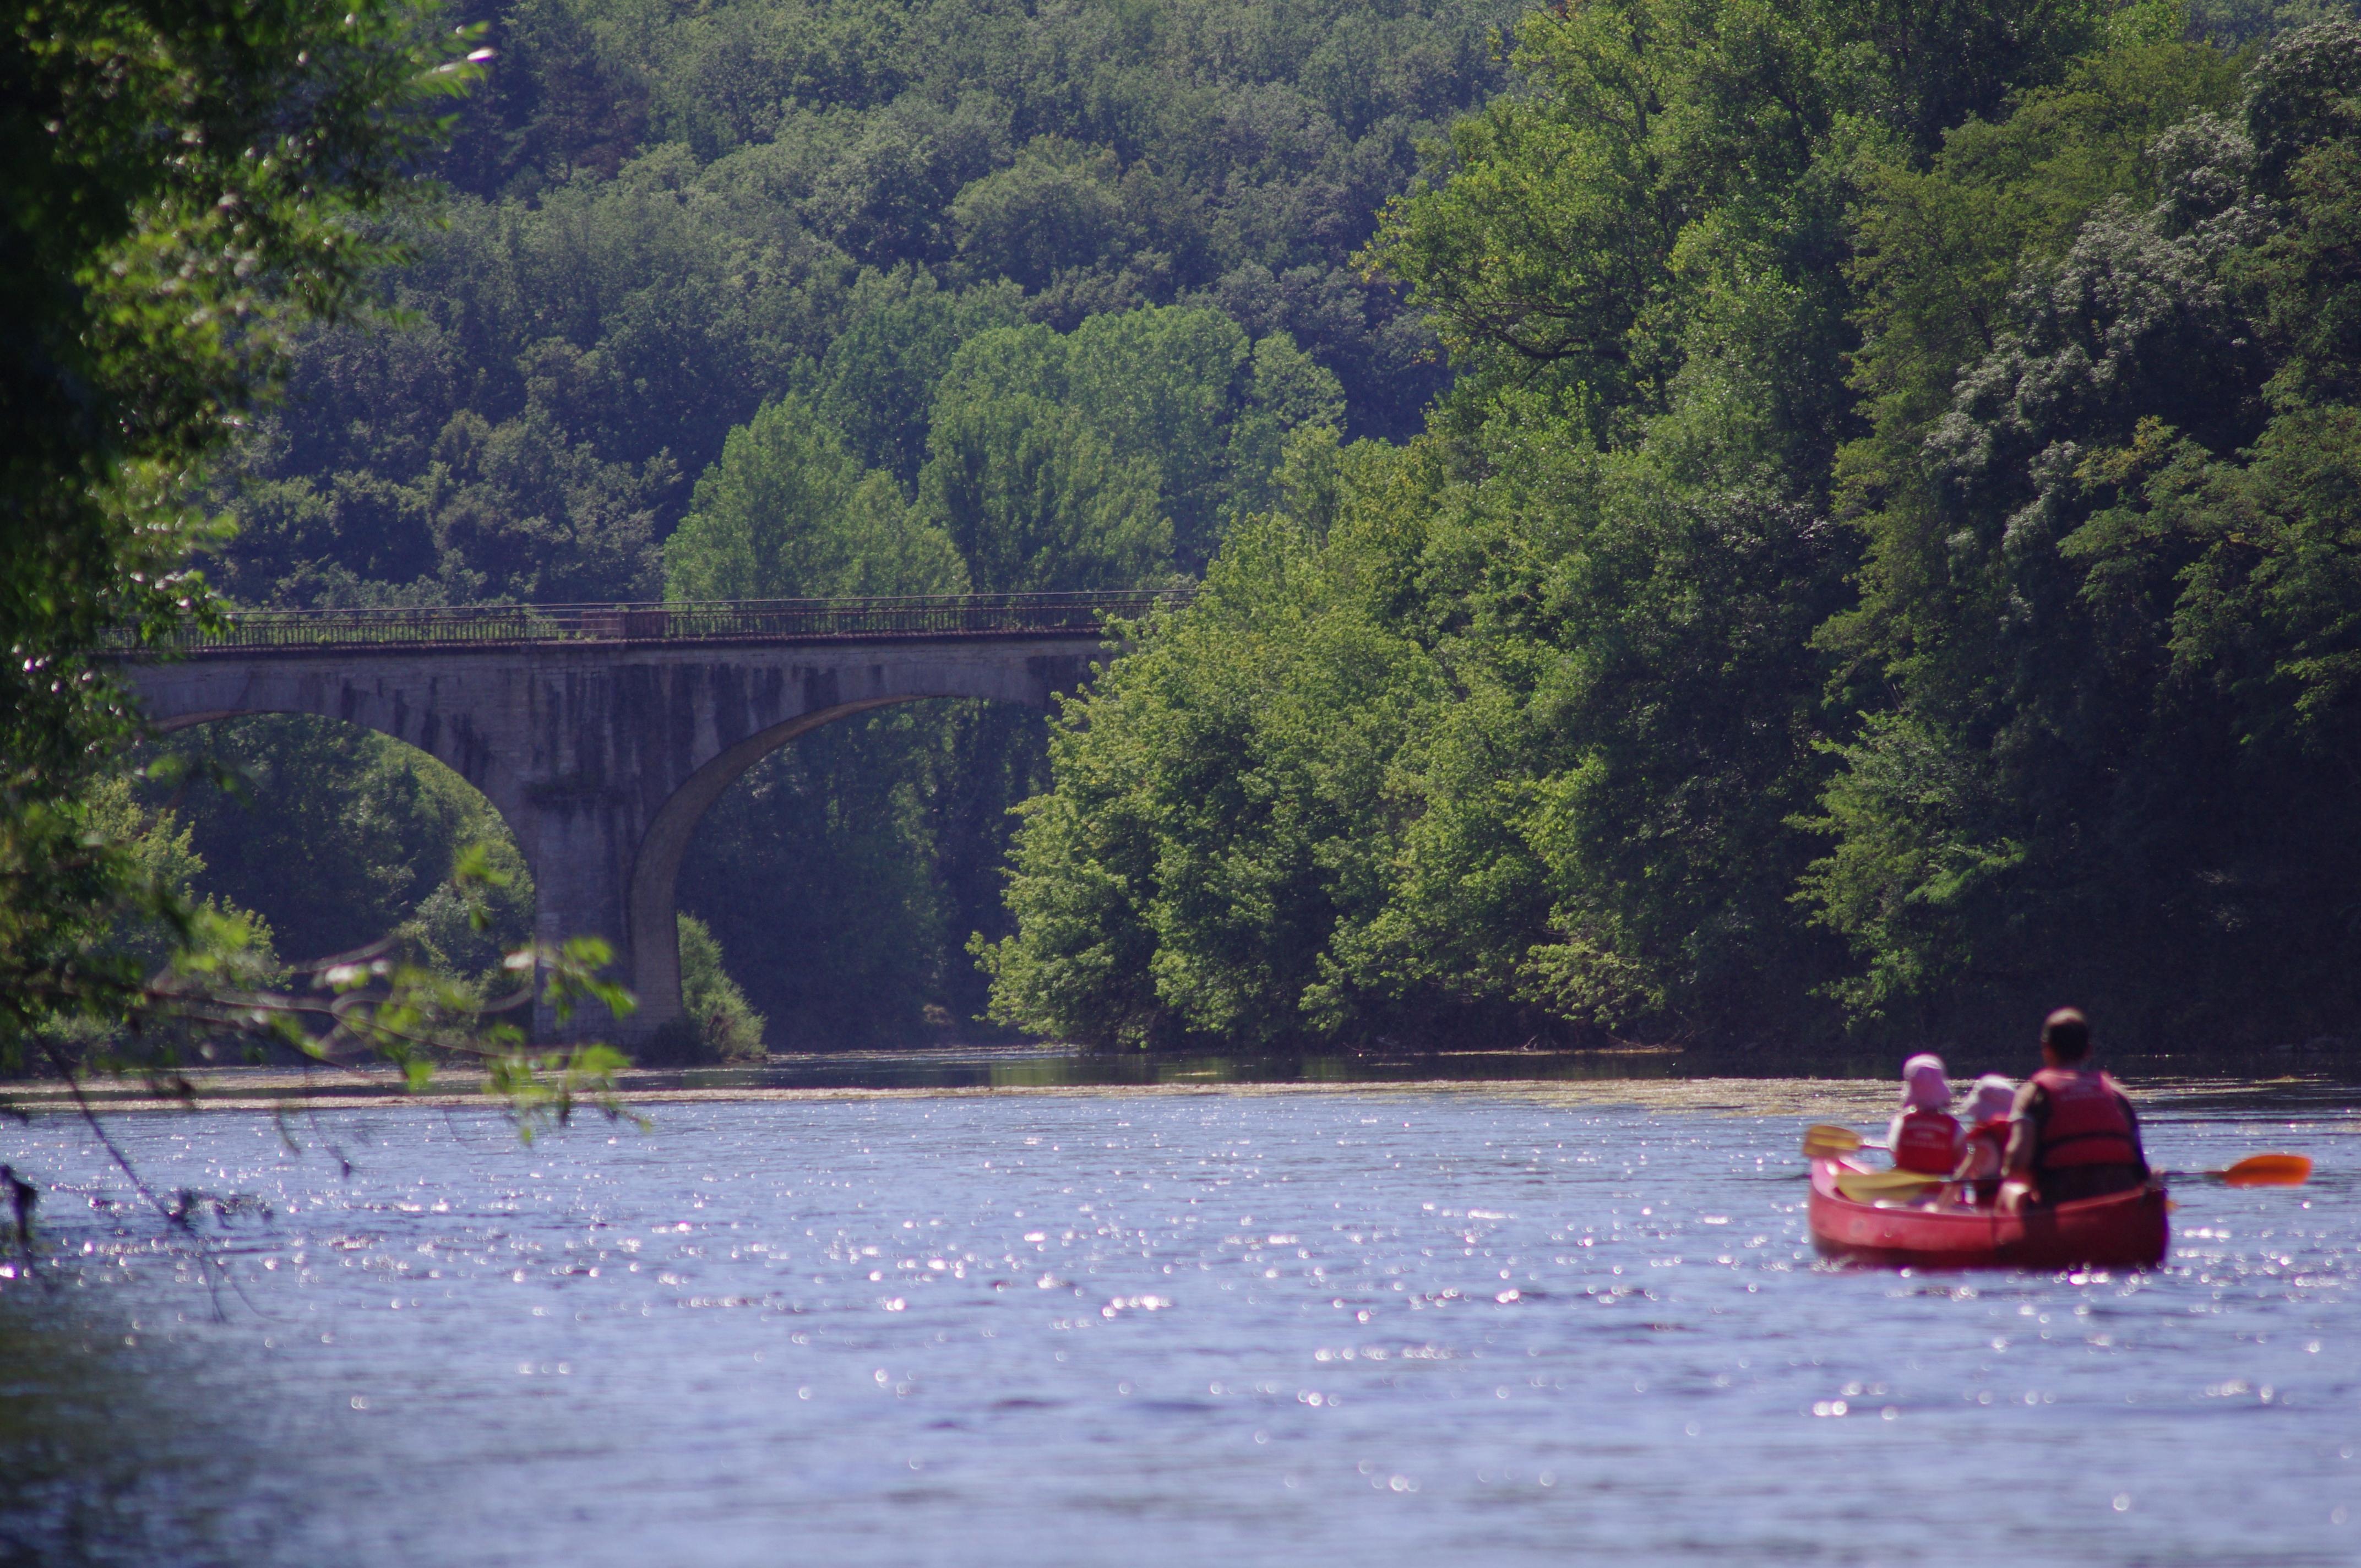 Activités sportives en Dordogne : descendez la Dordogne en canoé